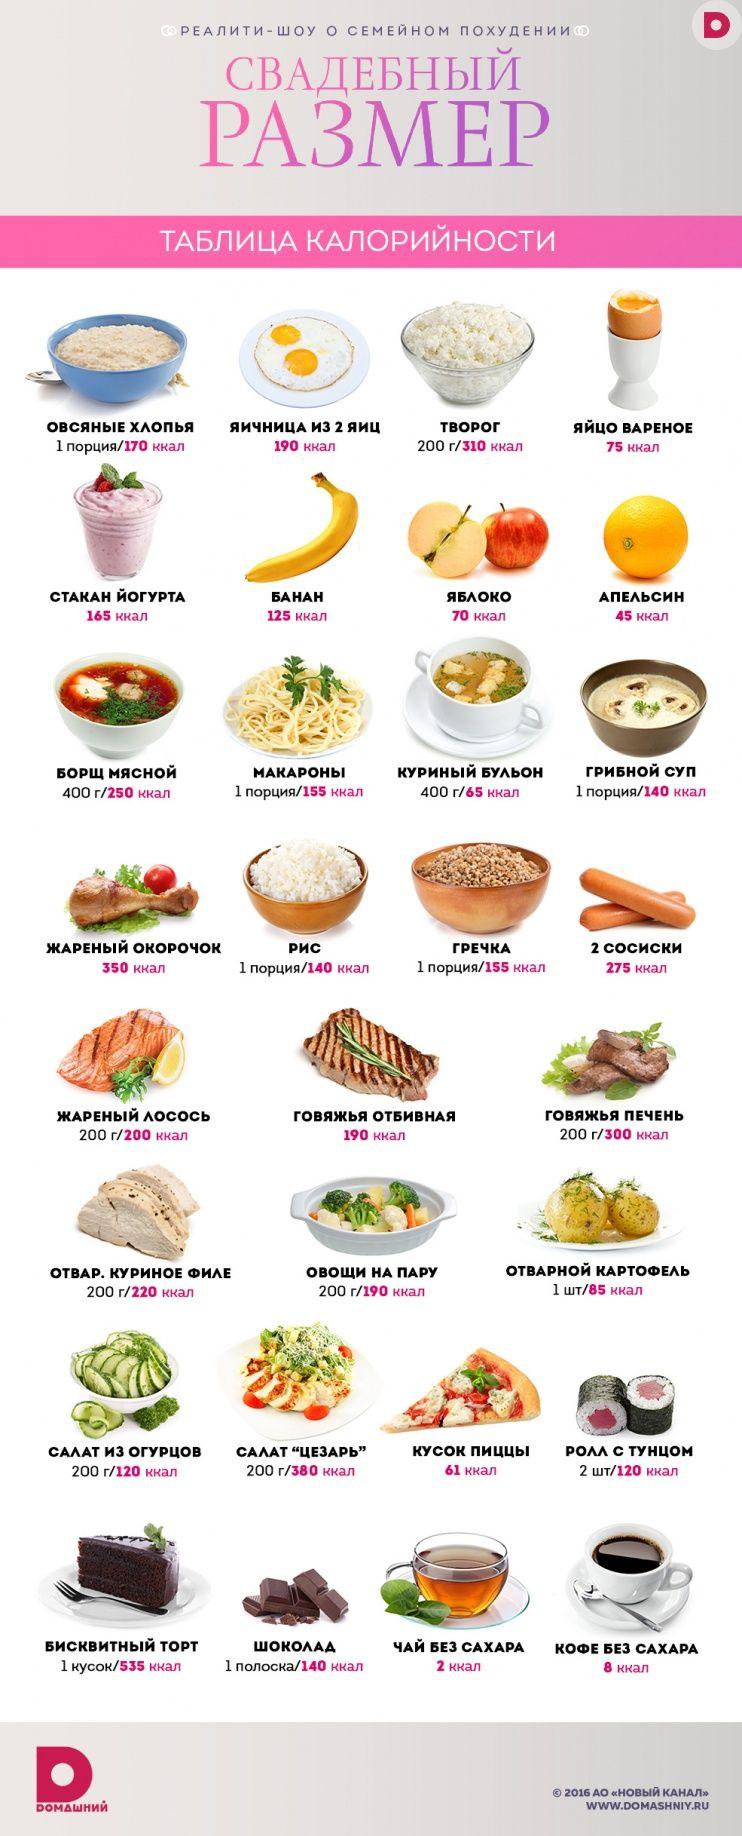 калории в еде и напитках добавки цементный раствор